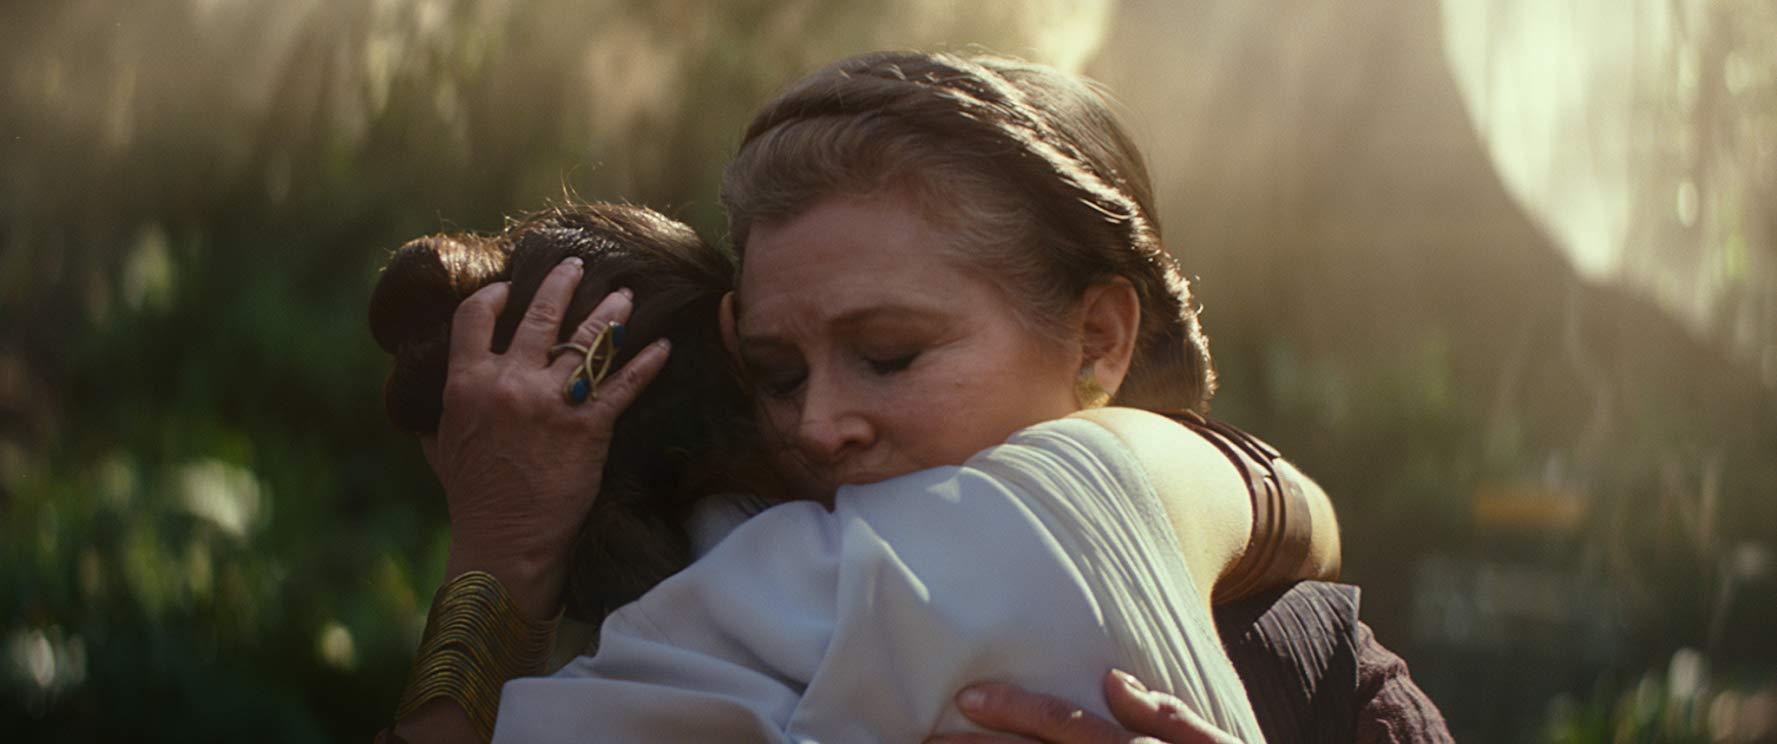 ¡Star Wars: The Rise of Skywalker libera teaser tráiler! desde la Star Wars Celebration